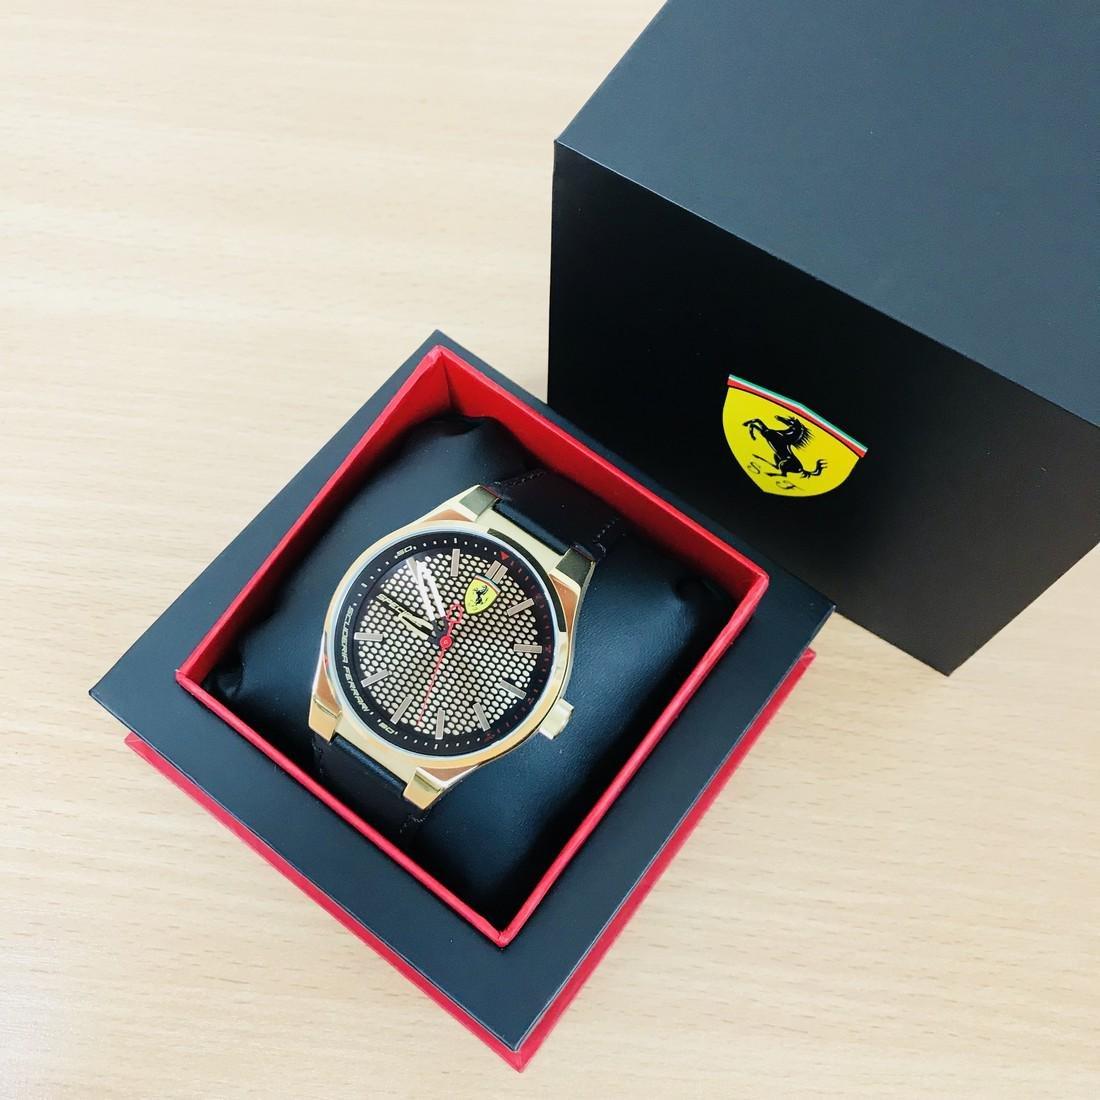 Scuderia Ferrari – SPECIALE Men's Gold Plated Watch - 2